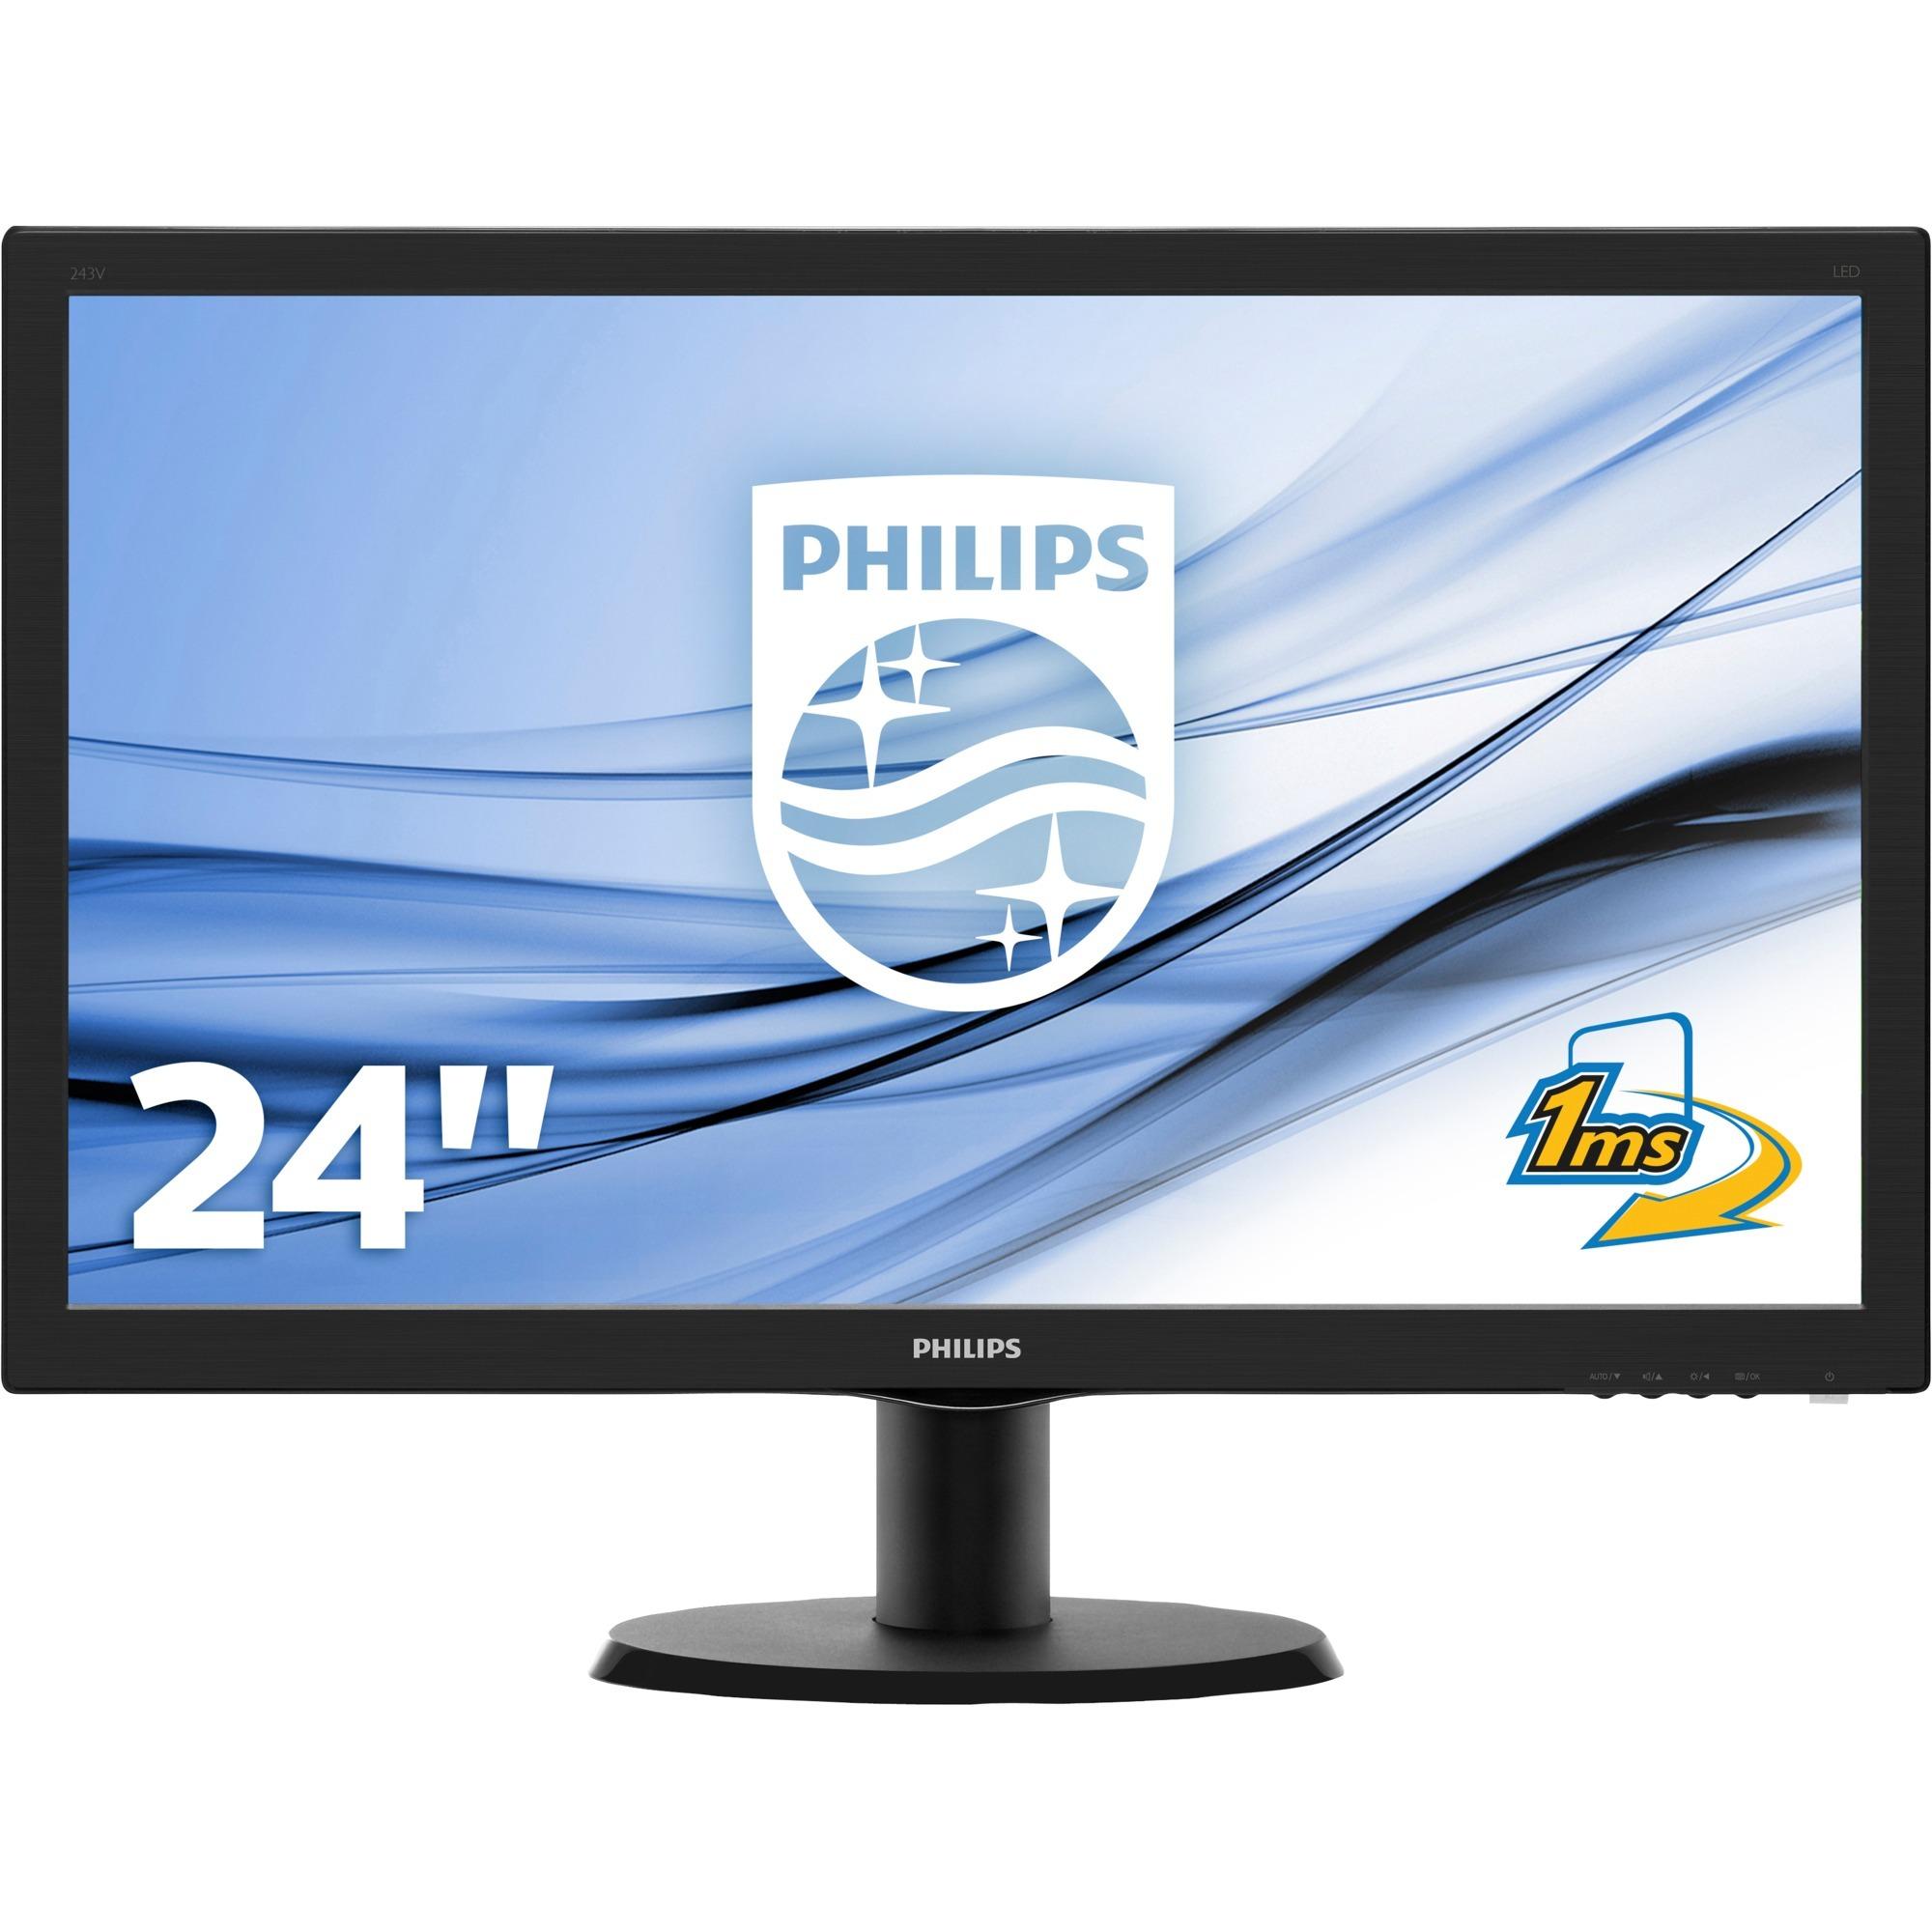 Moniteur LCD avec SmartControlLite 243V5LHAB/00, Affichage LED